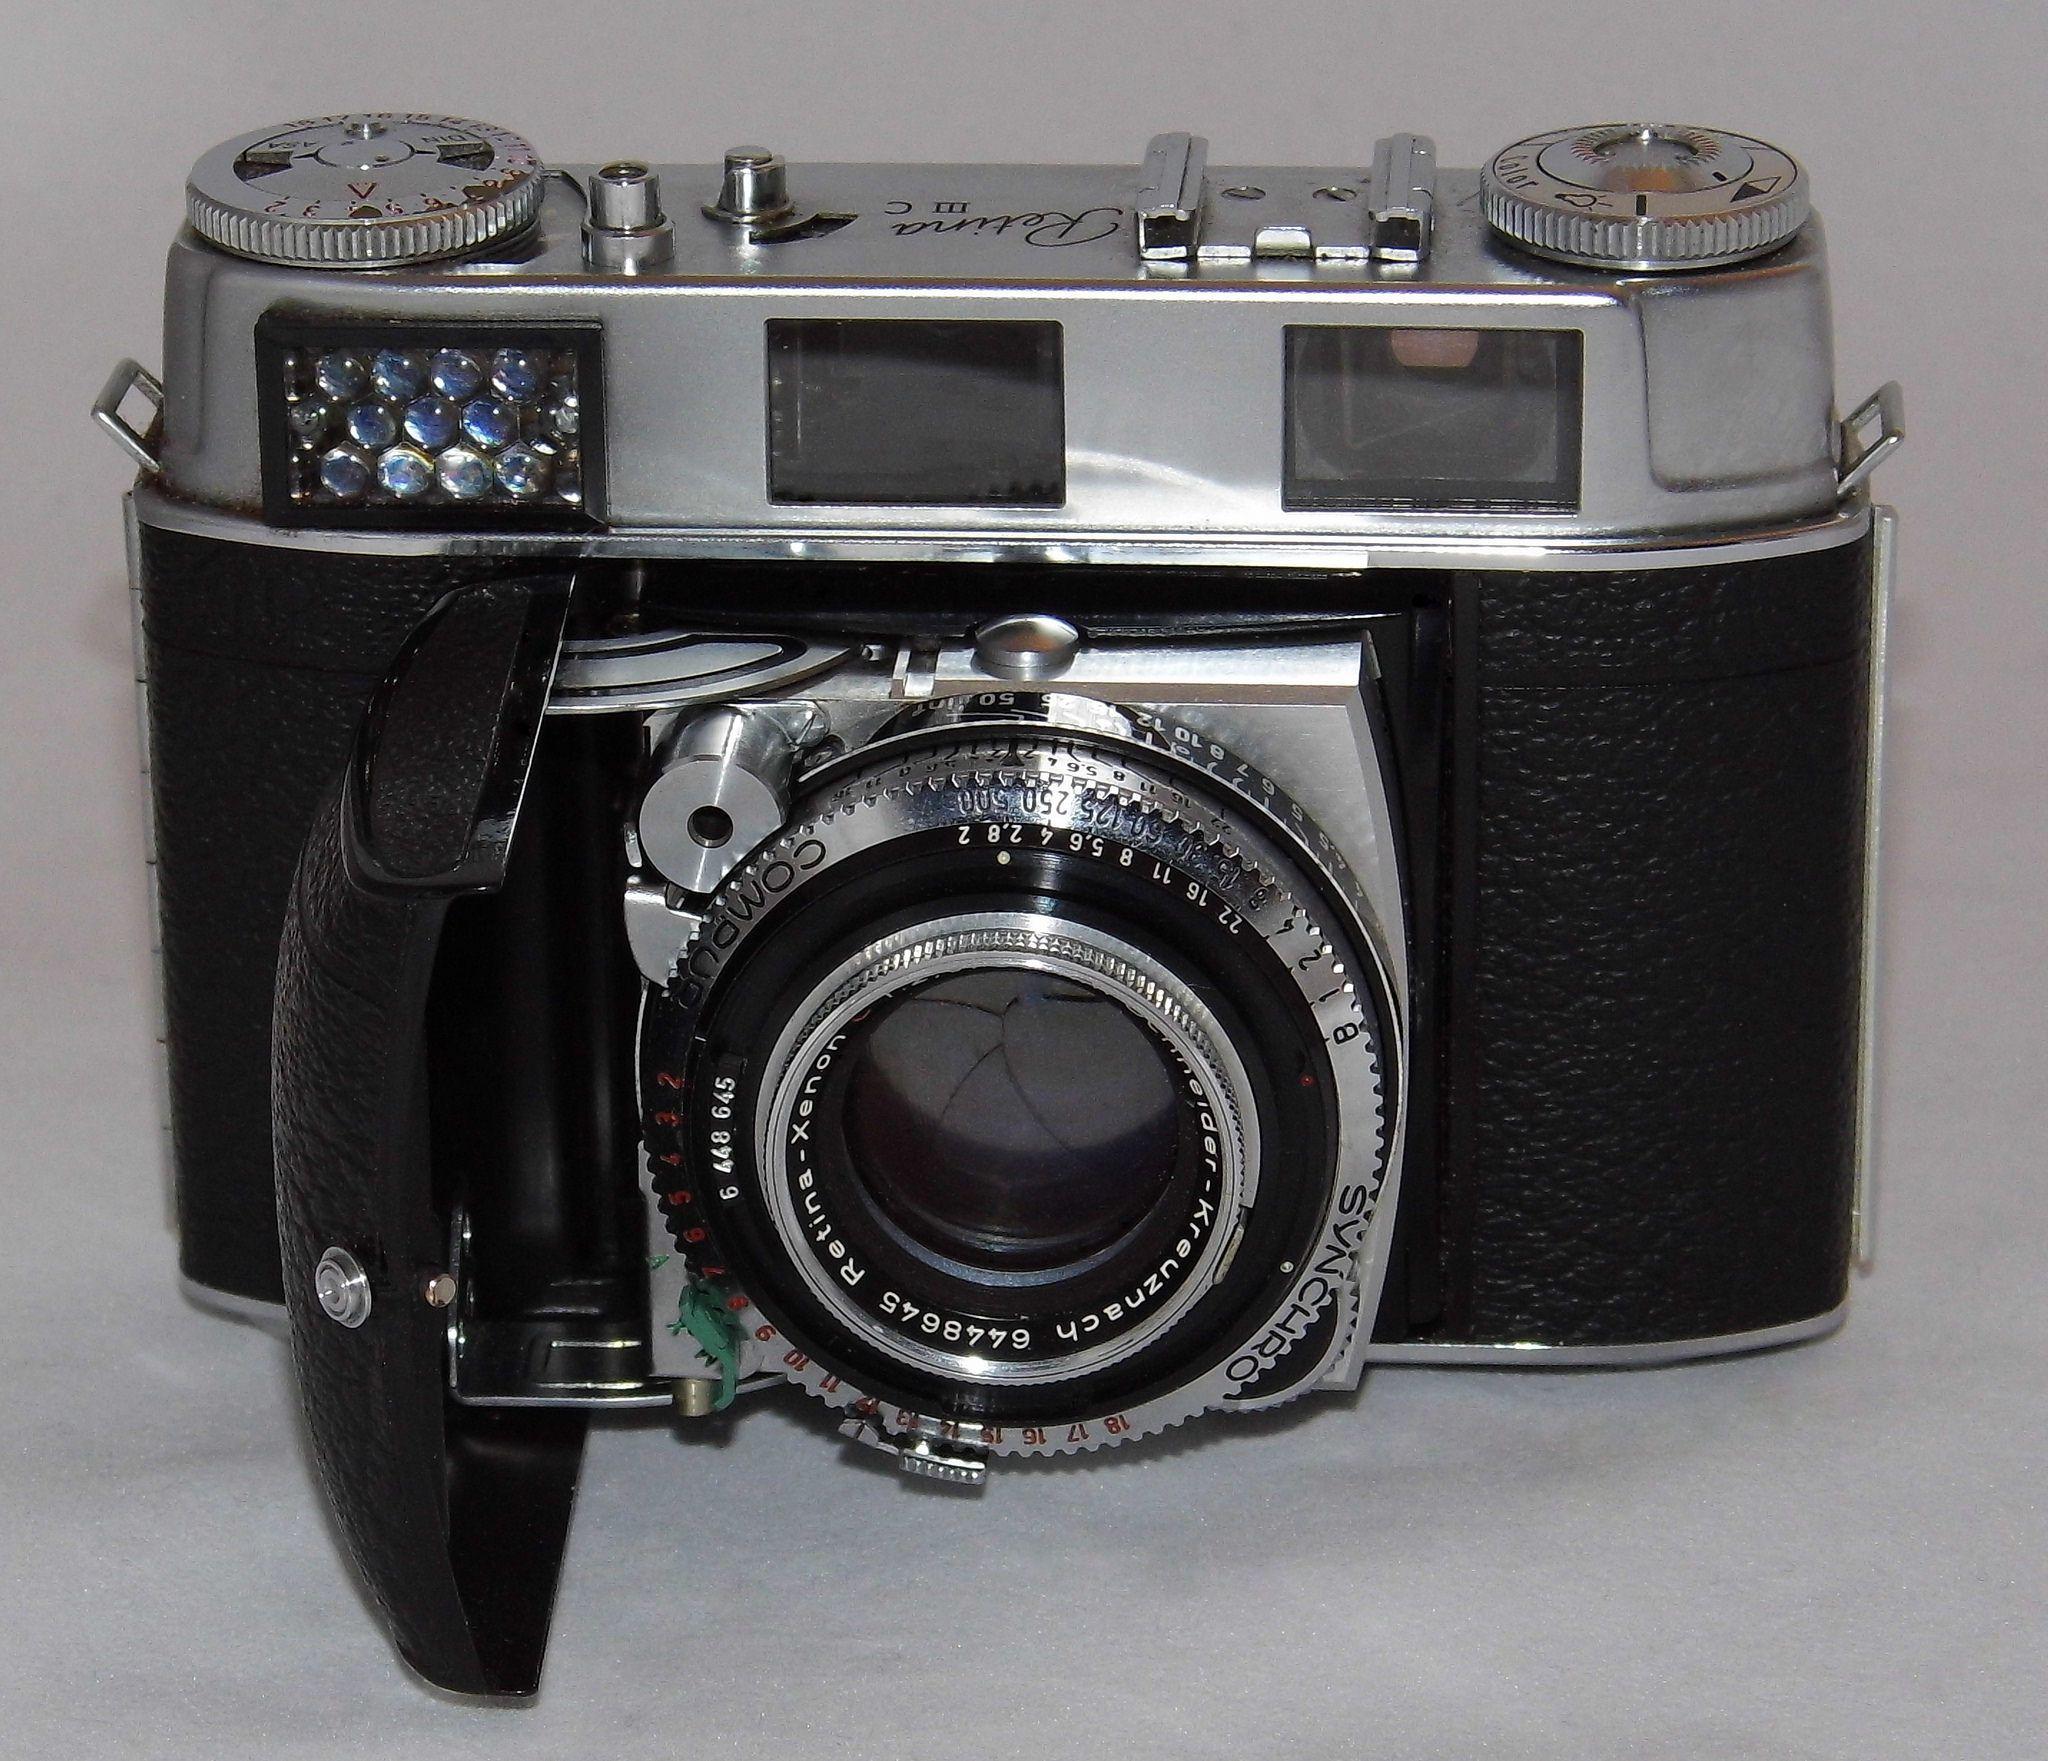 магазину выбираем пленочный фотоаппарат по фото пусть